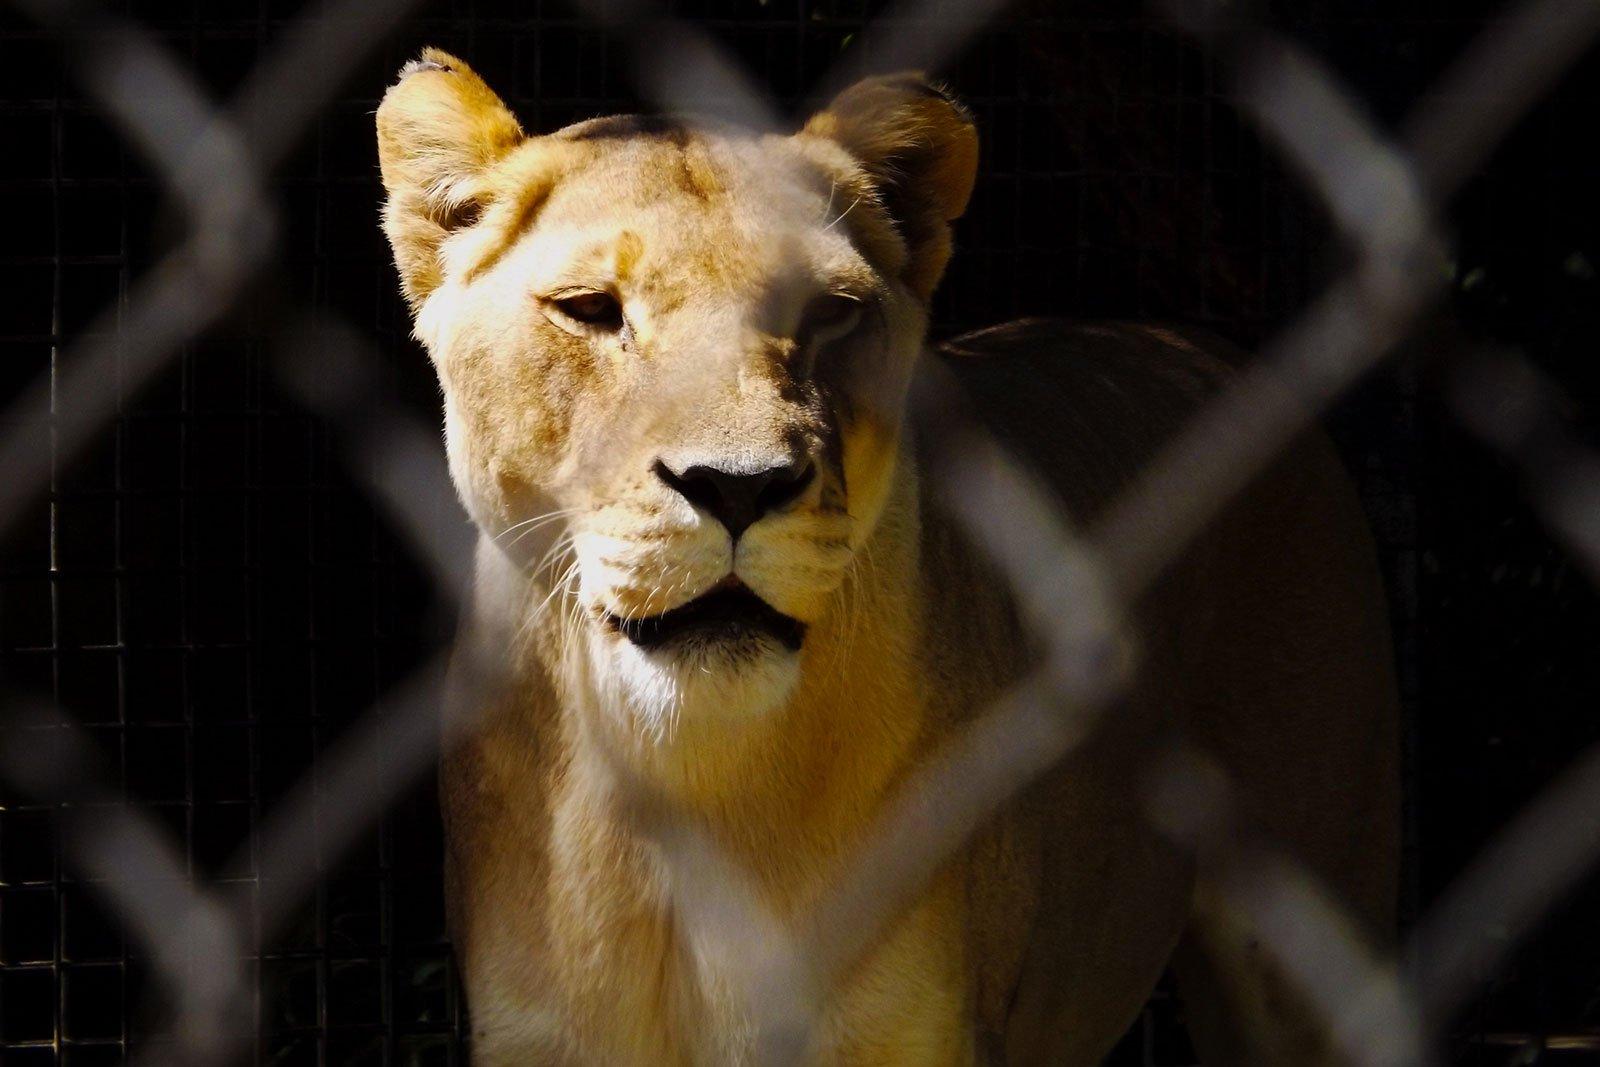 Ce que le lion de New York nous apprend…